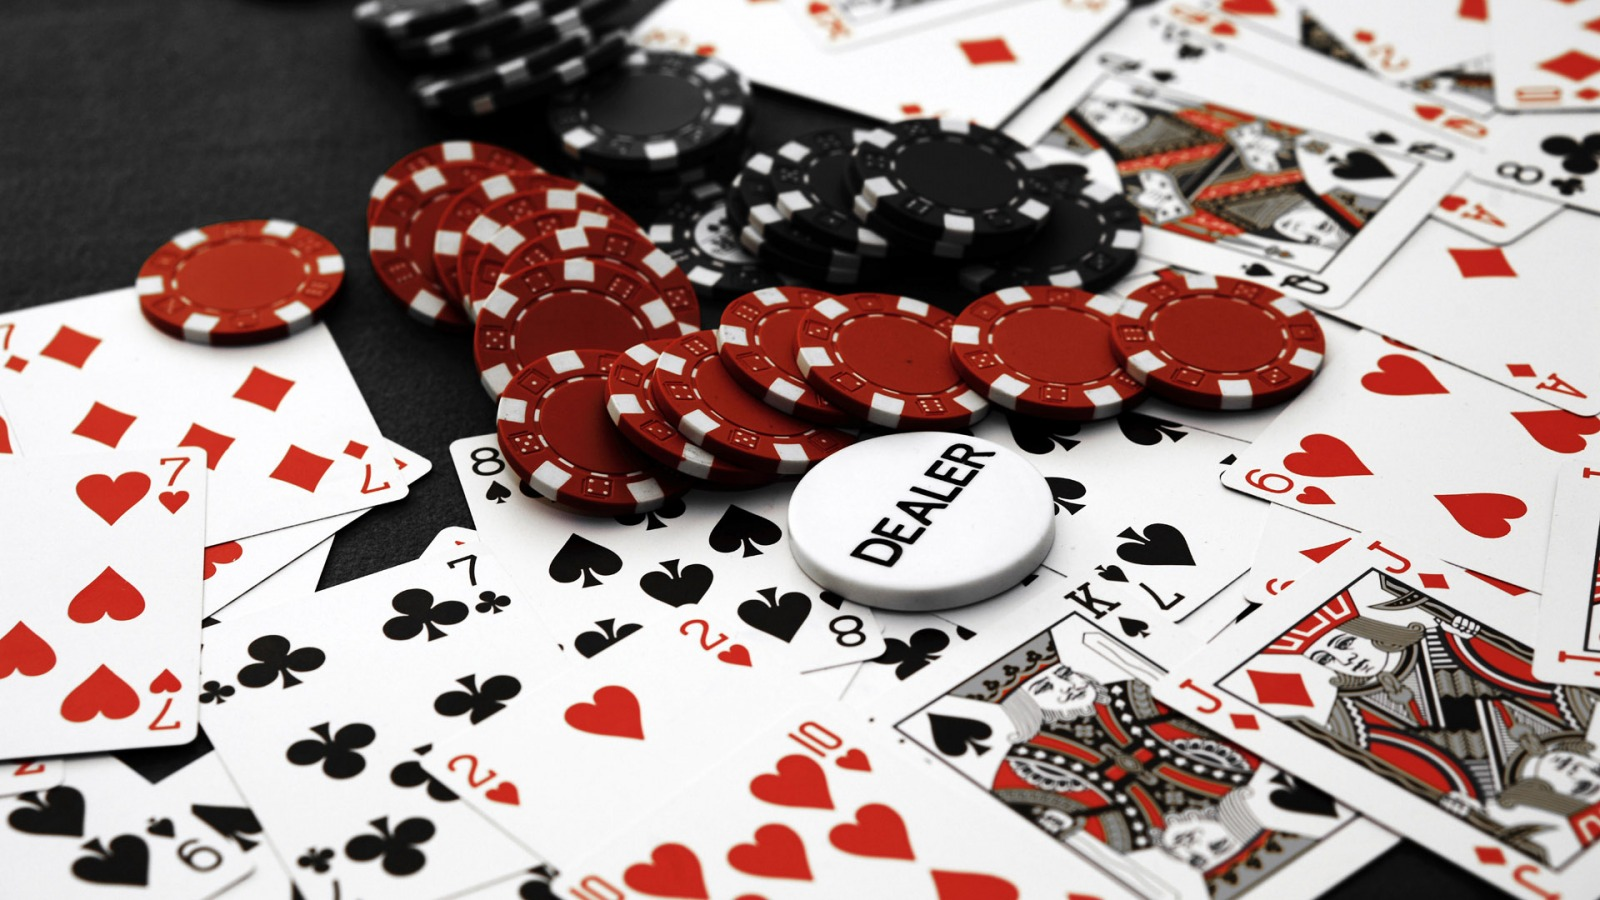 casino-poker chips